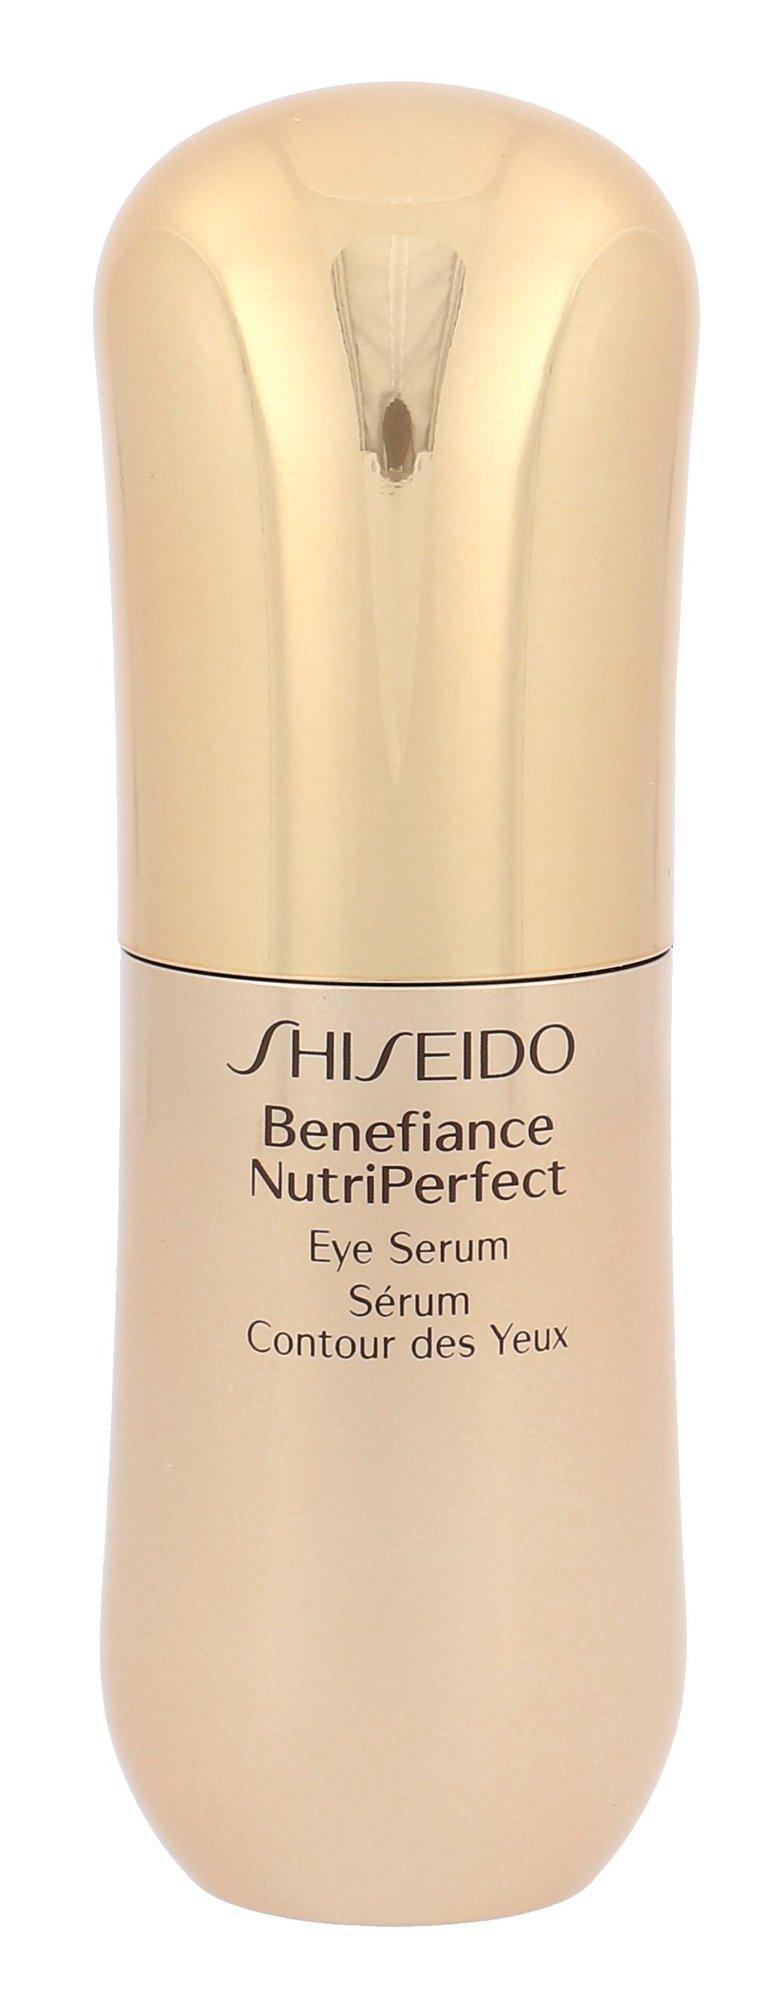 Shiseido Benefiance NutriPerfect Cosmetic 15ml